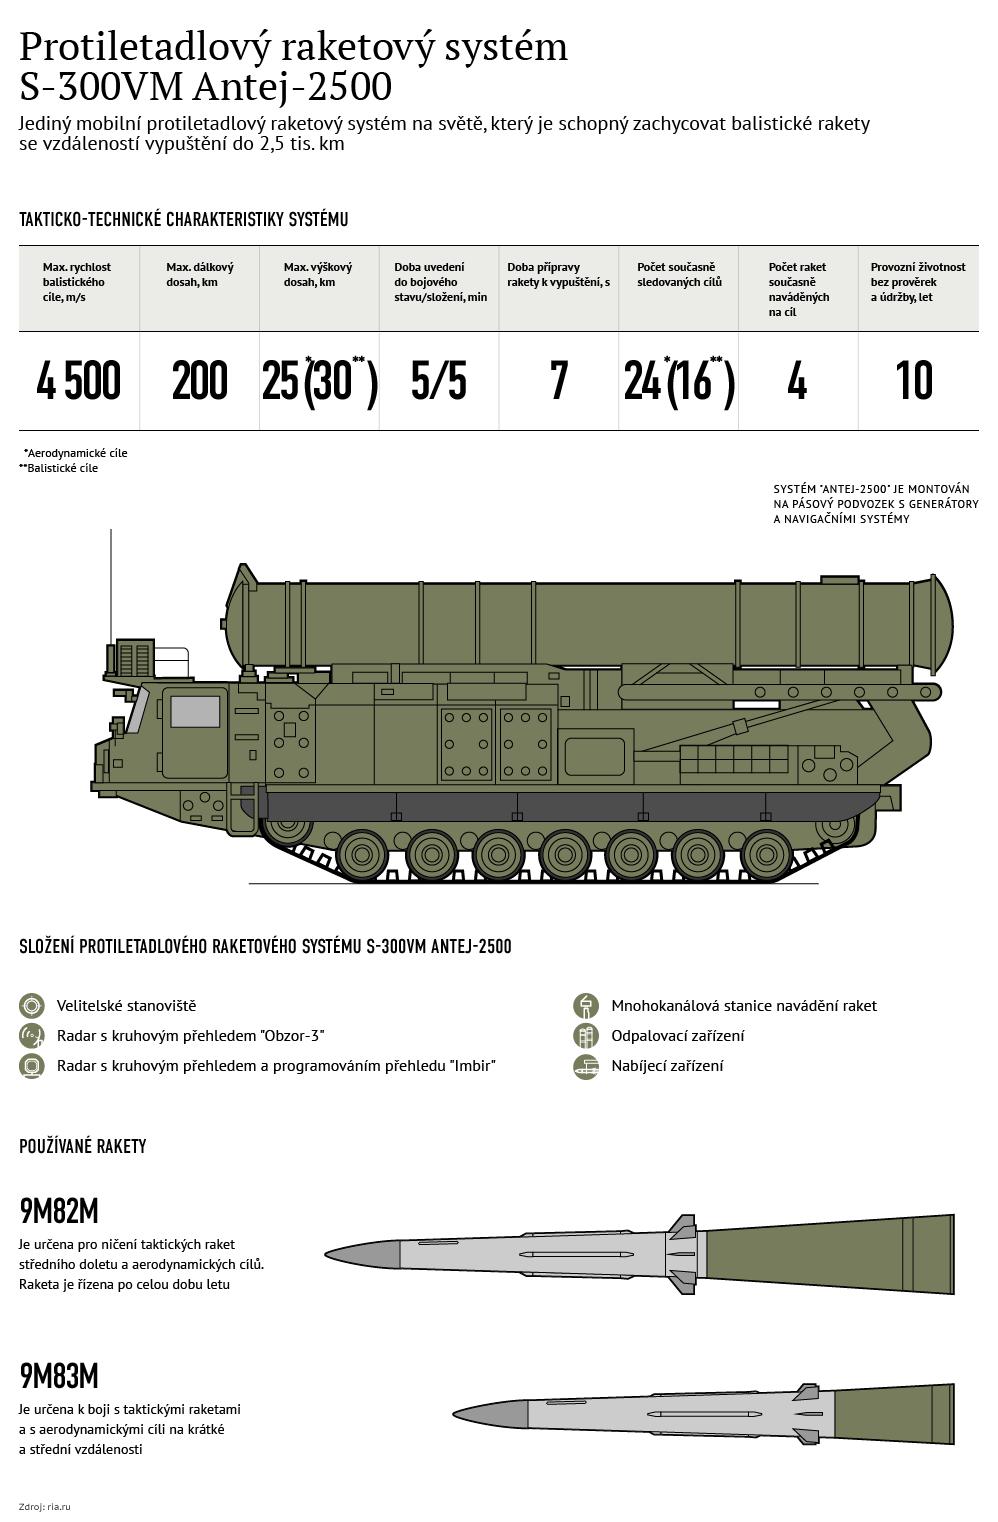 Protiletadlový systém S-300